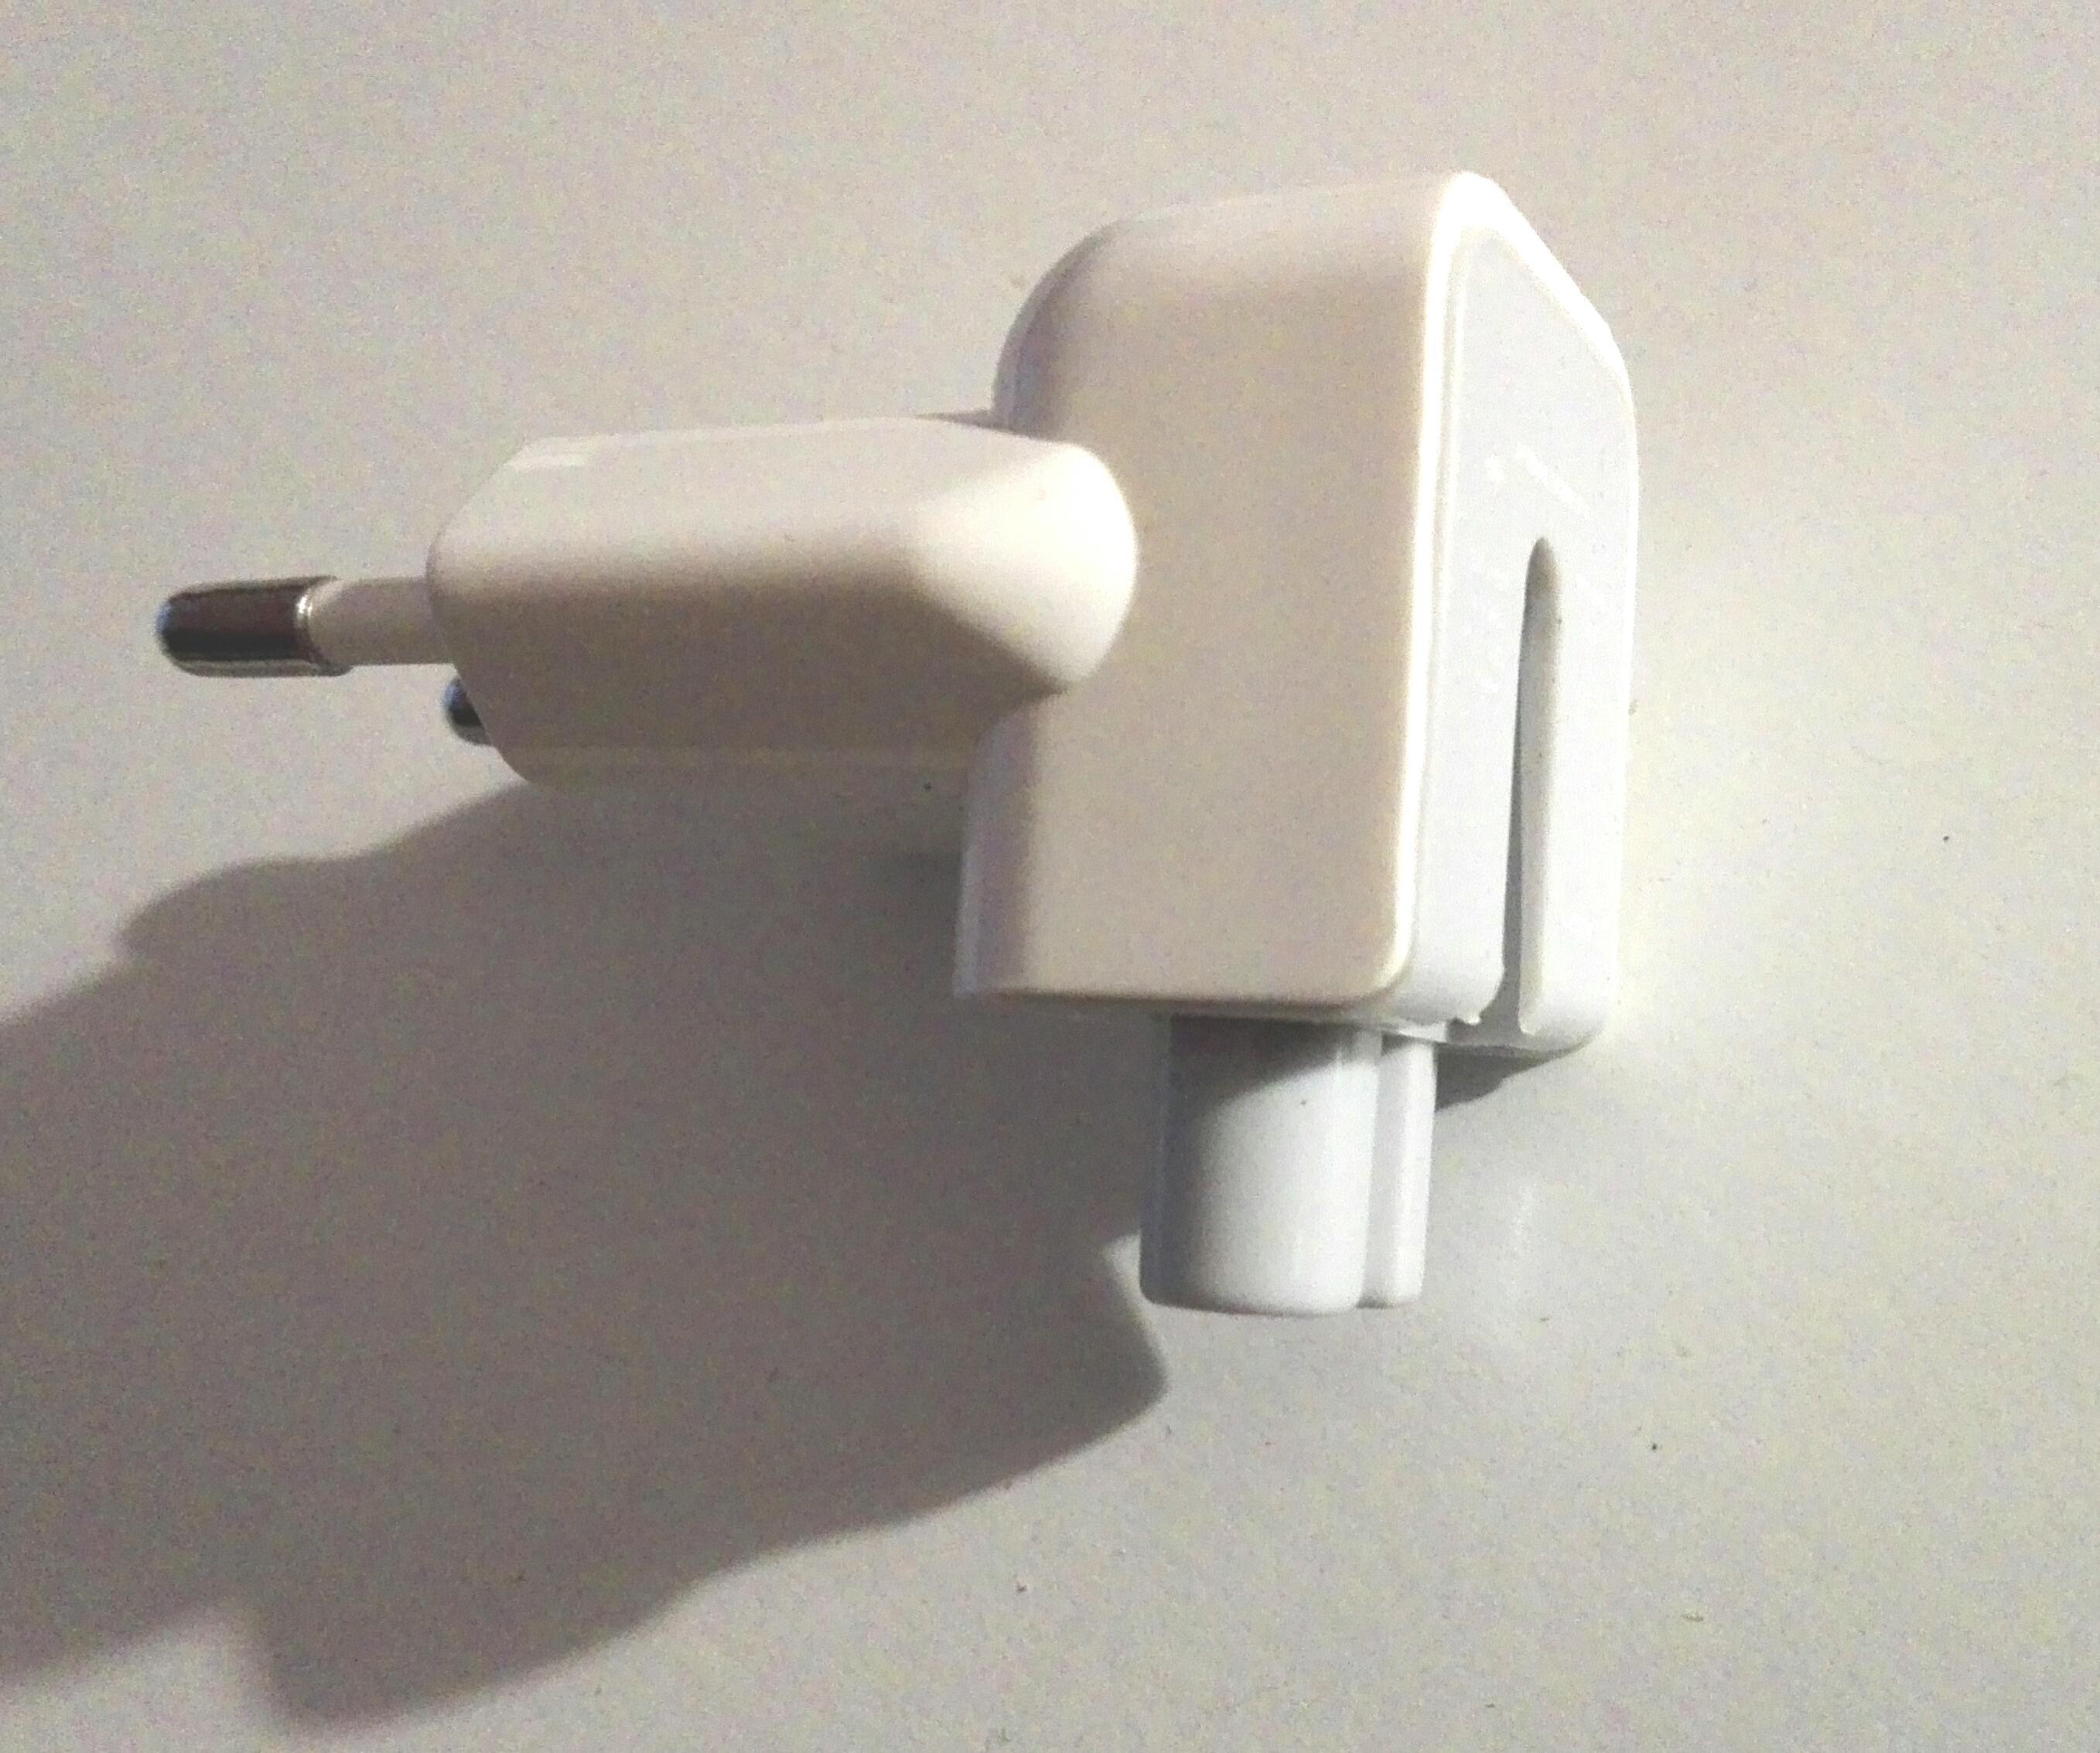 troc de troc embout pour cable chargeur macbook pro image 0